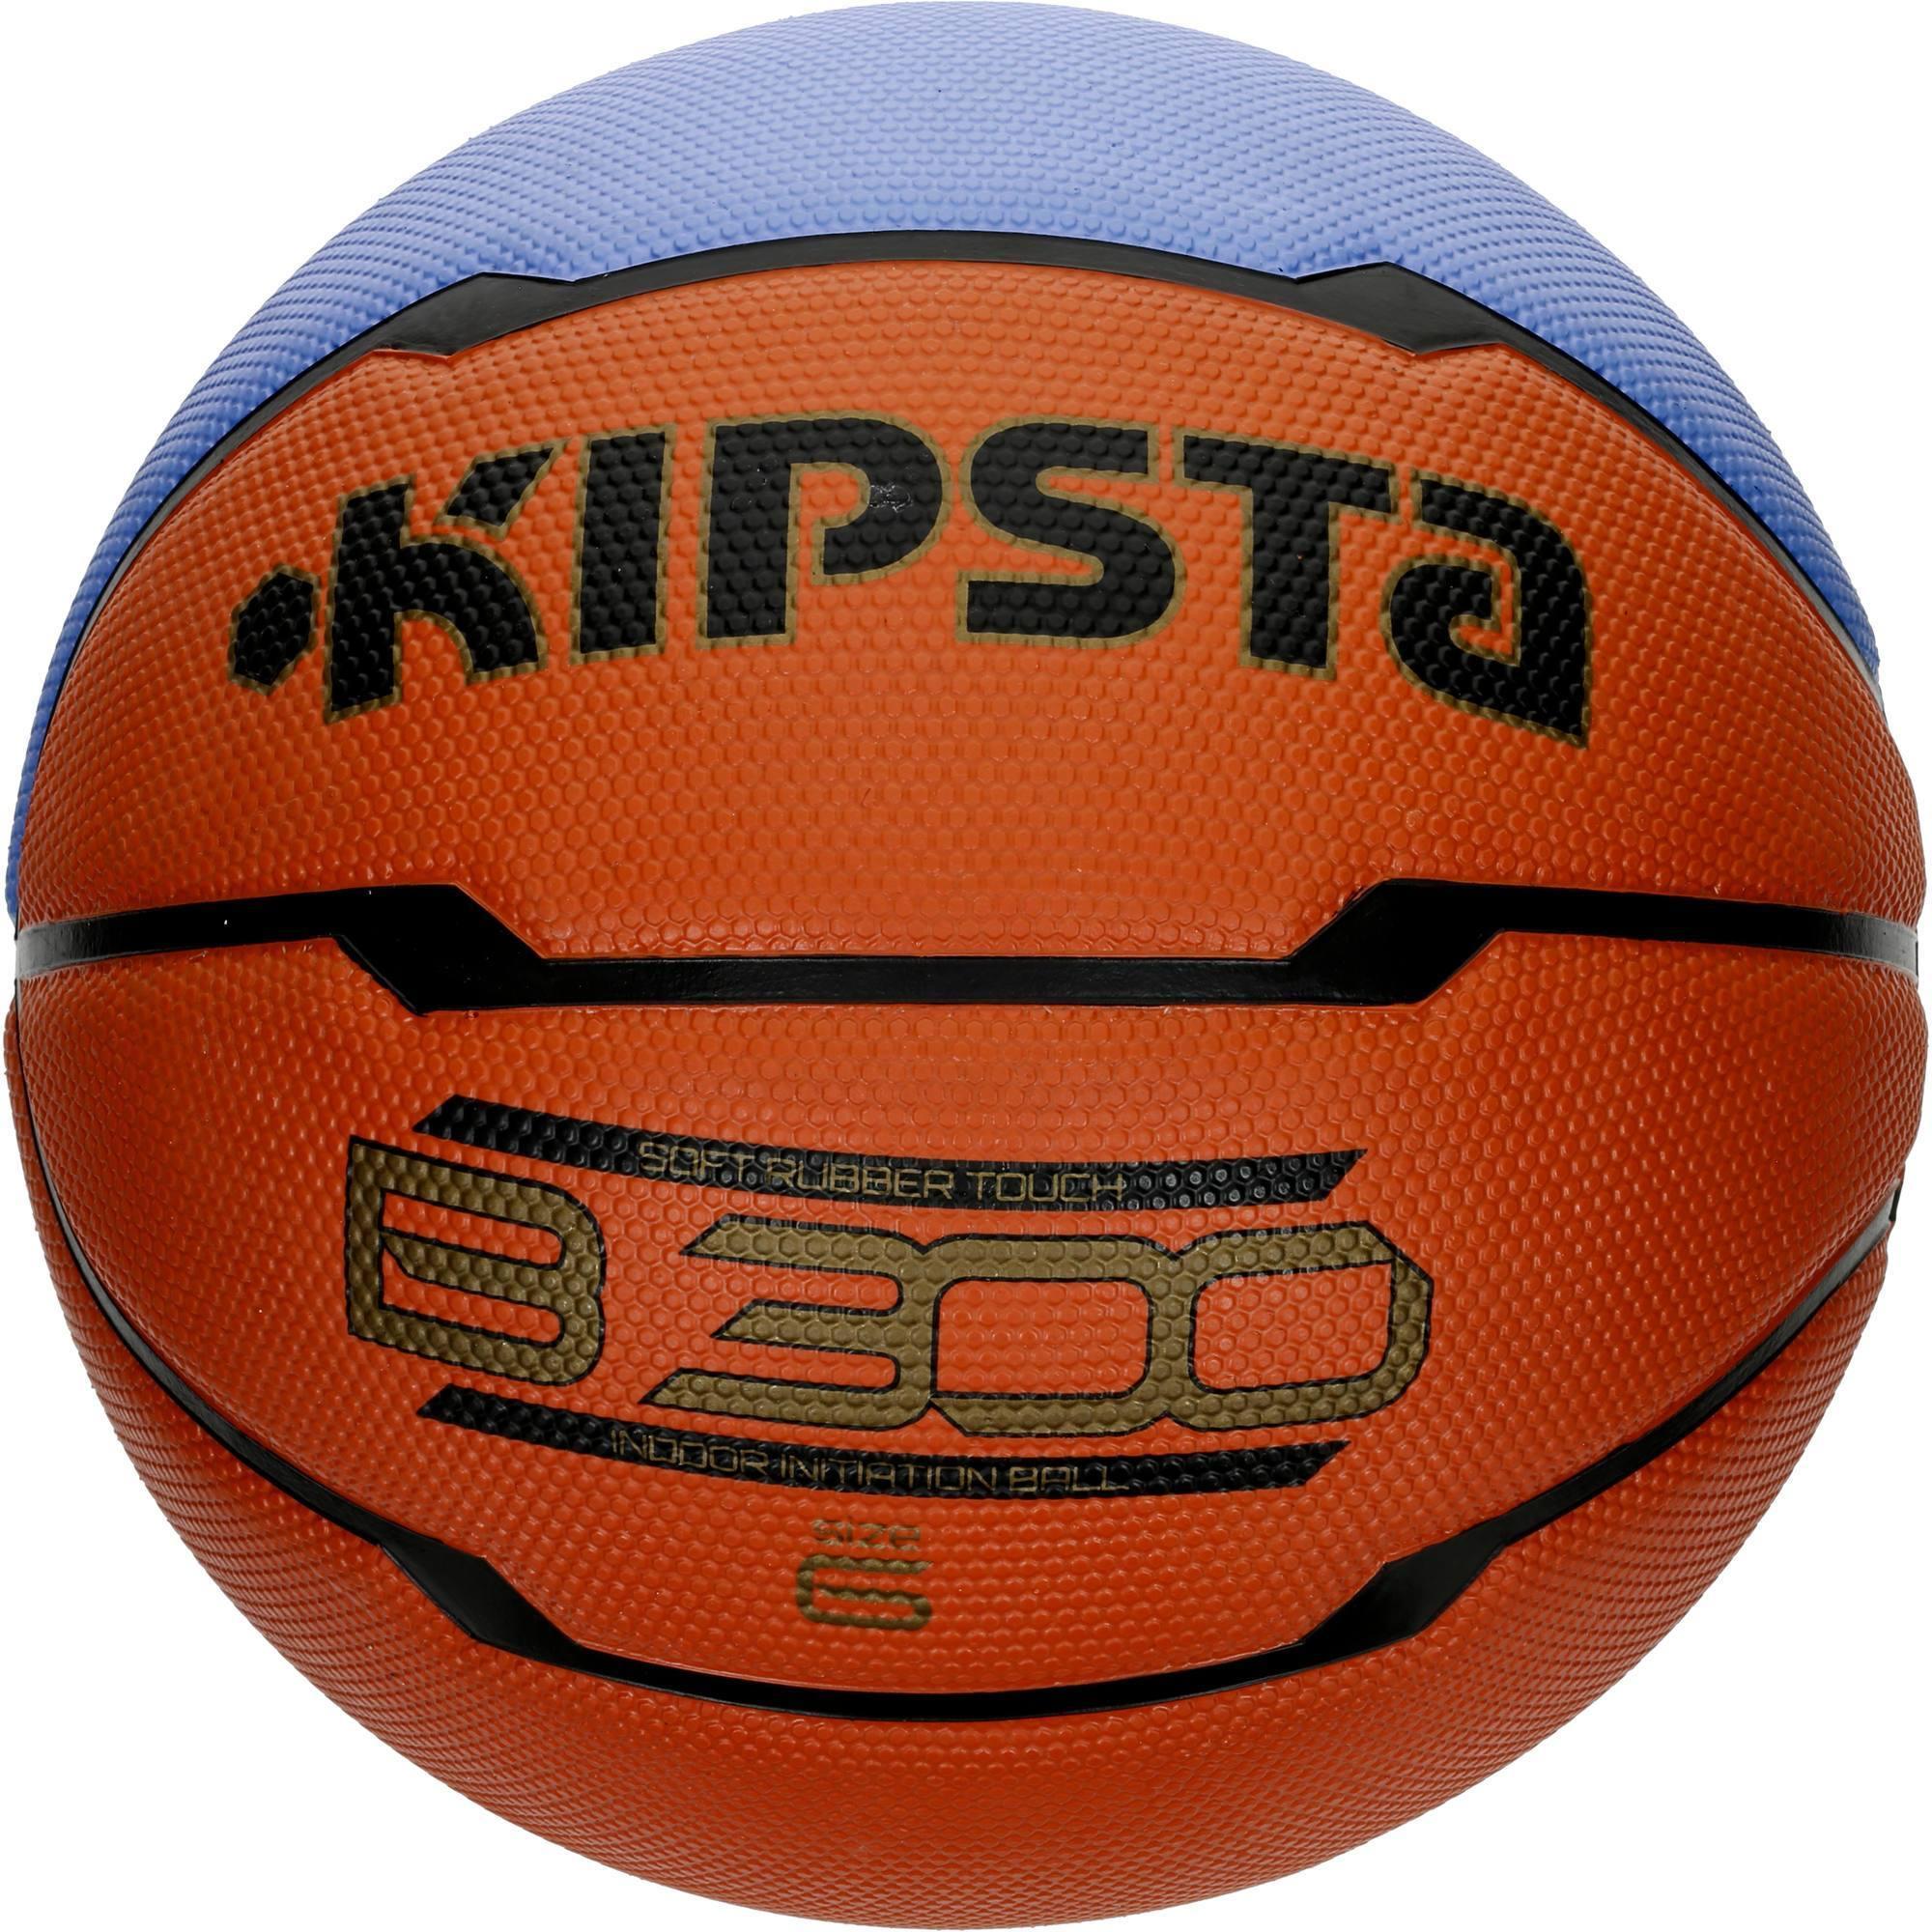 Ballon de basket femme b300 taille 6 orange pour d buter a partir de 10 ans clubs - Ballon basket decathlon ...